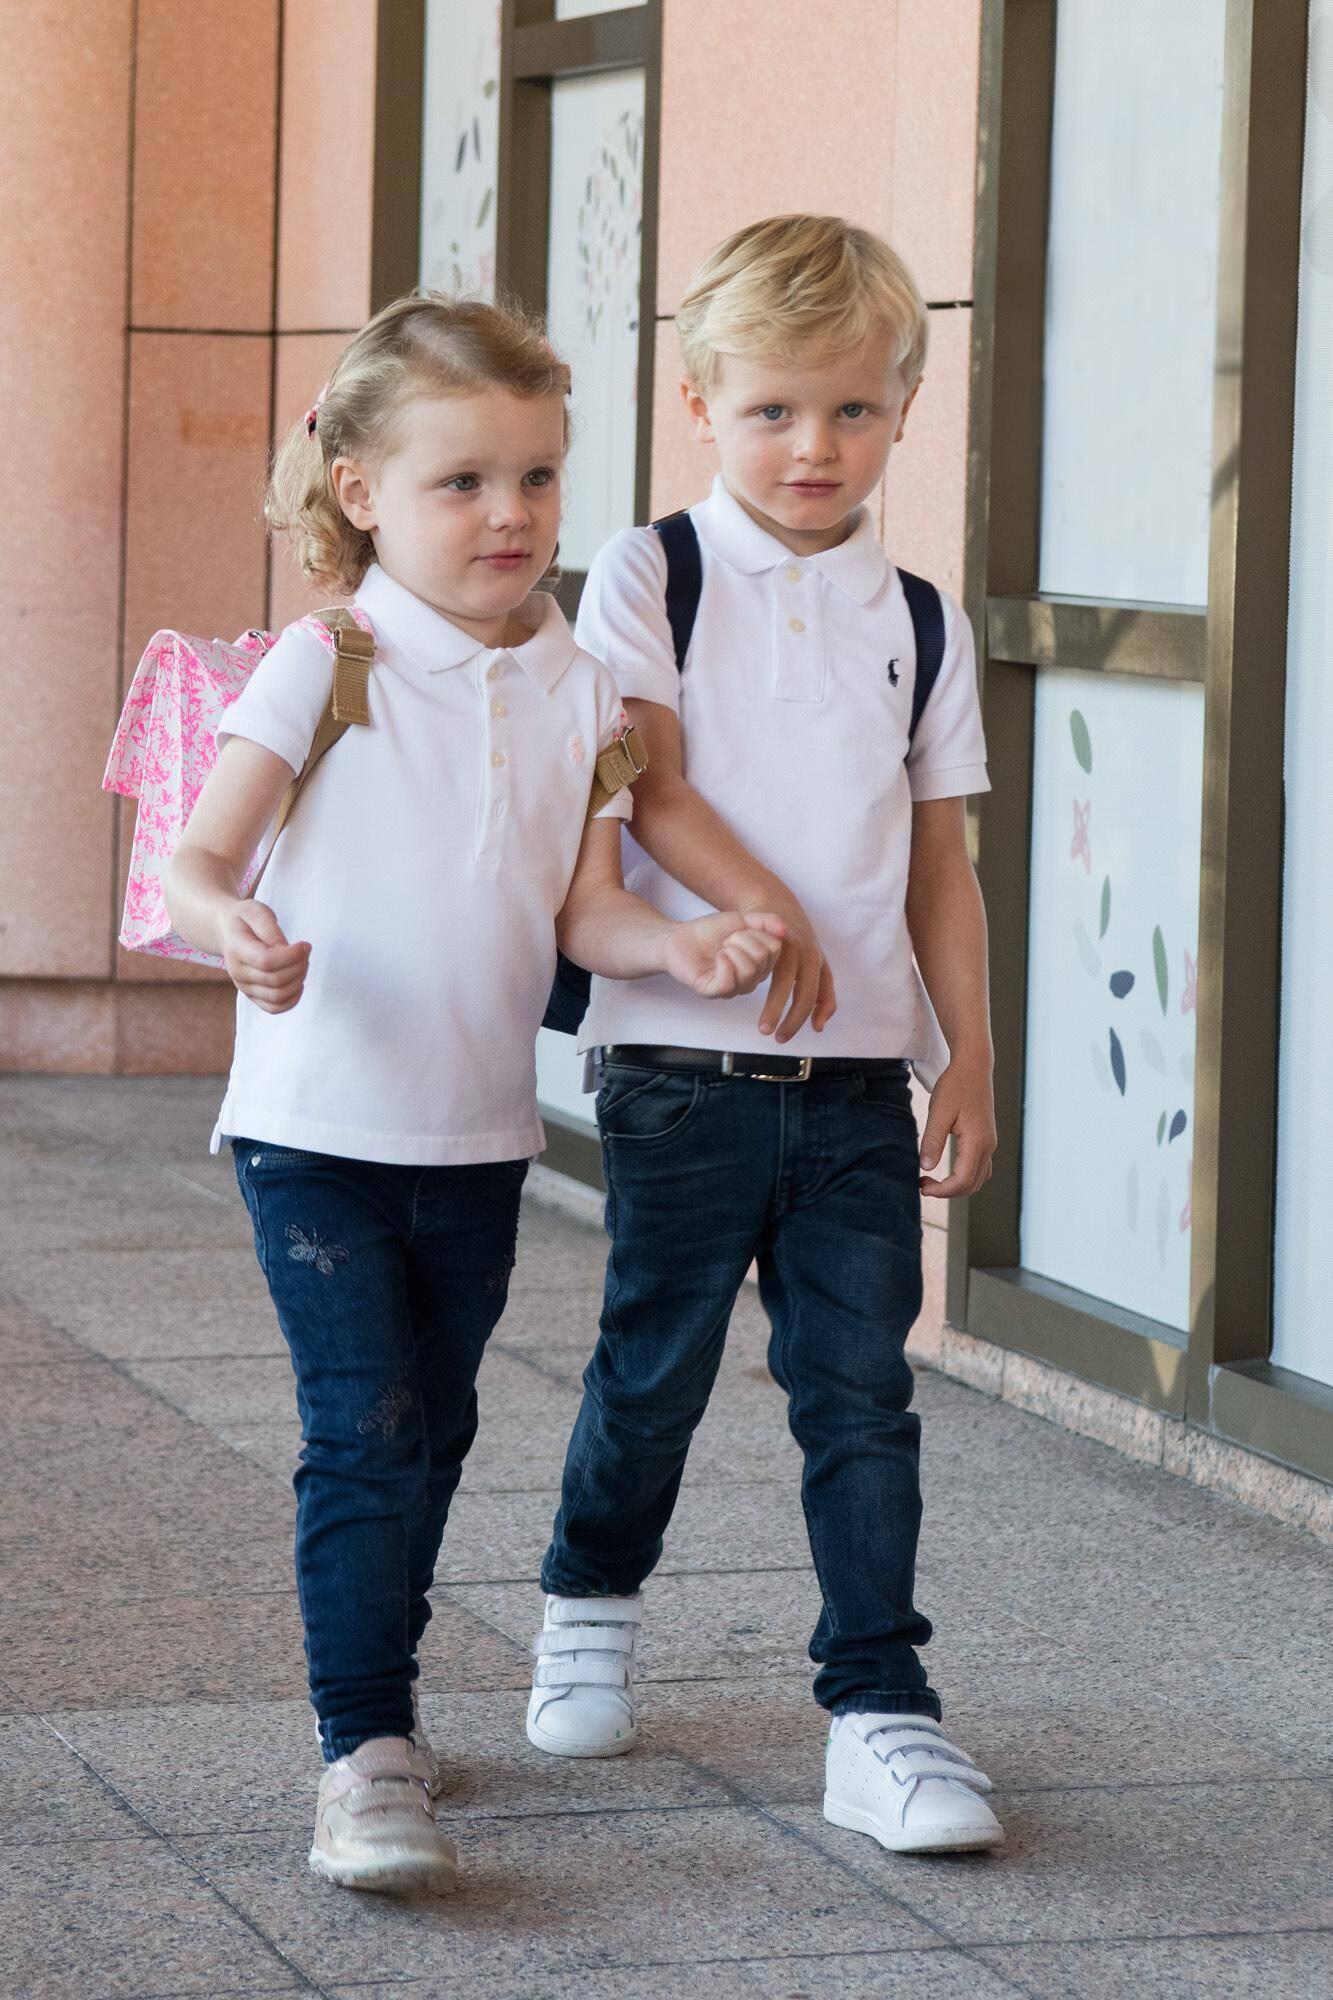 Première rentrée pour les jumeaux qui entament leur scolarité à l'établissement «La Petite École», fondé sur les principes éducatifs Montessori.